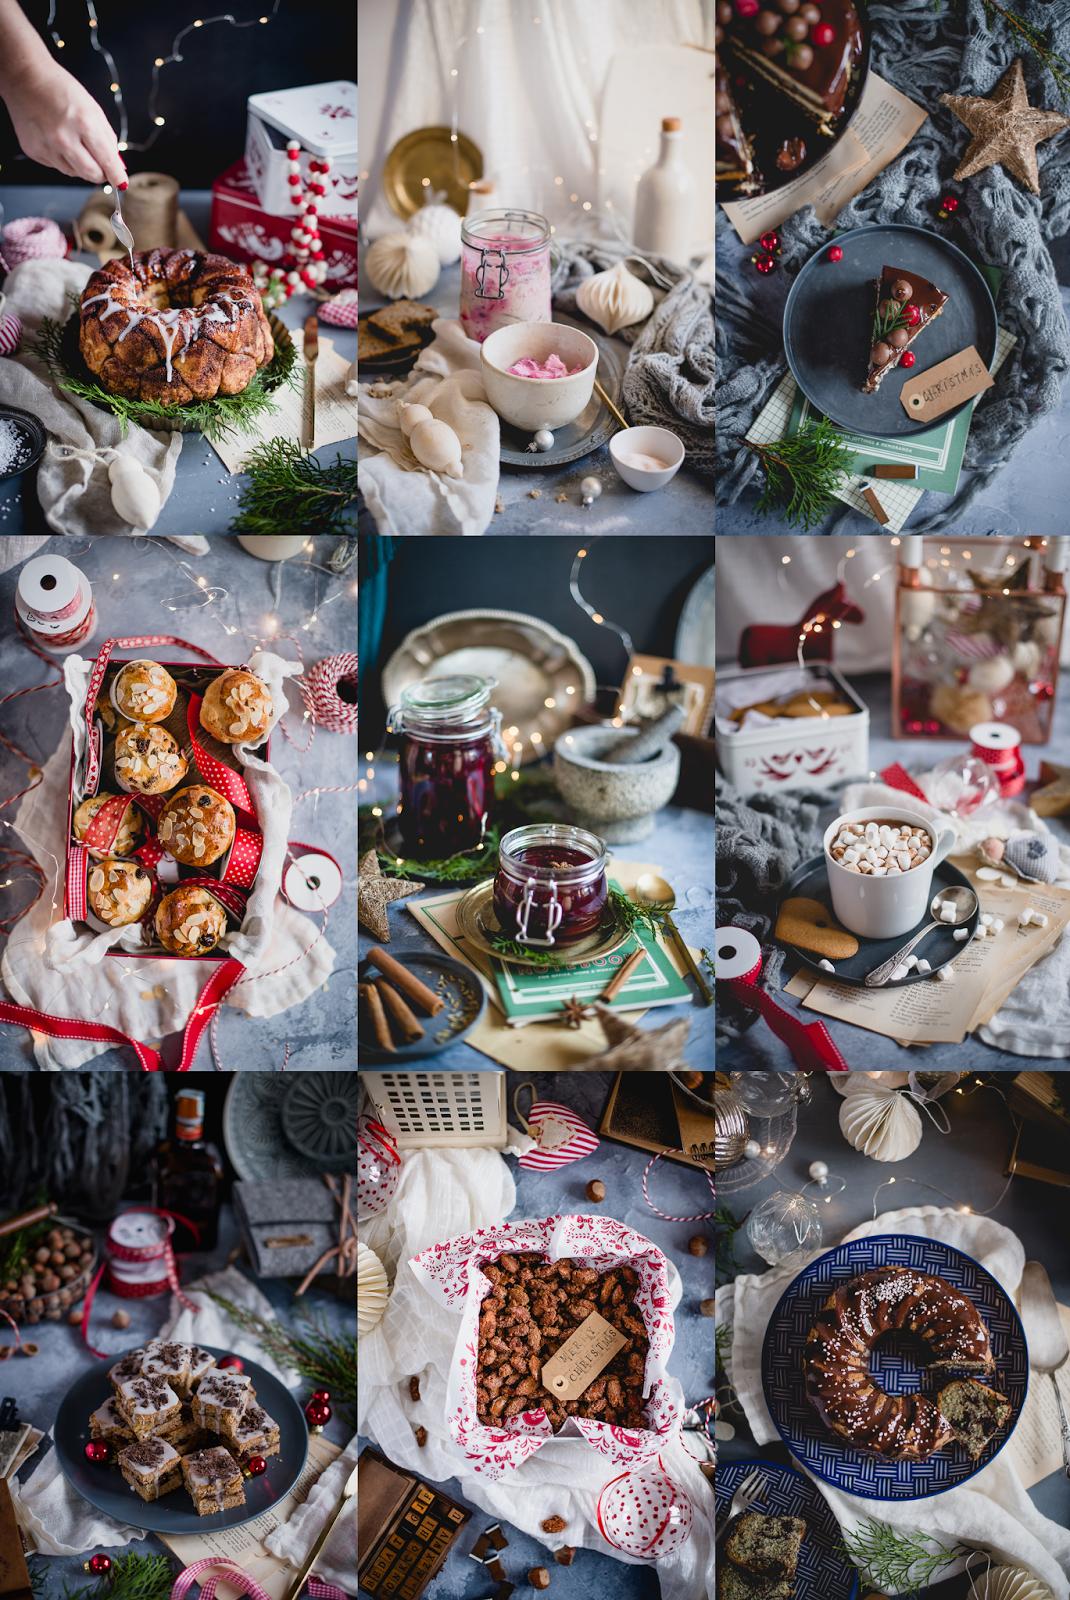 Kulisy fotografii kulinarnej: Jak robi zdjęcia Ania z bloga Everyday Flavours?